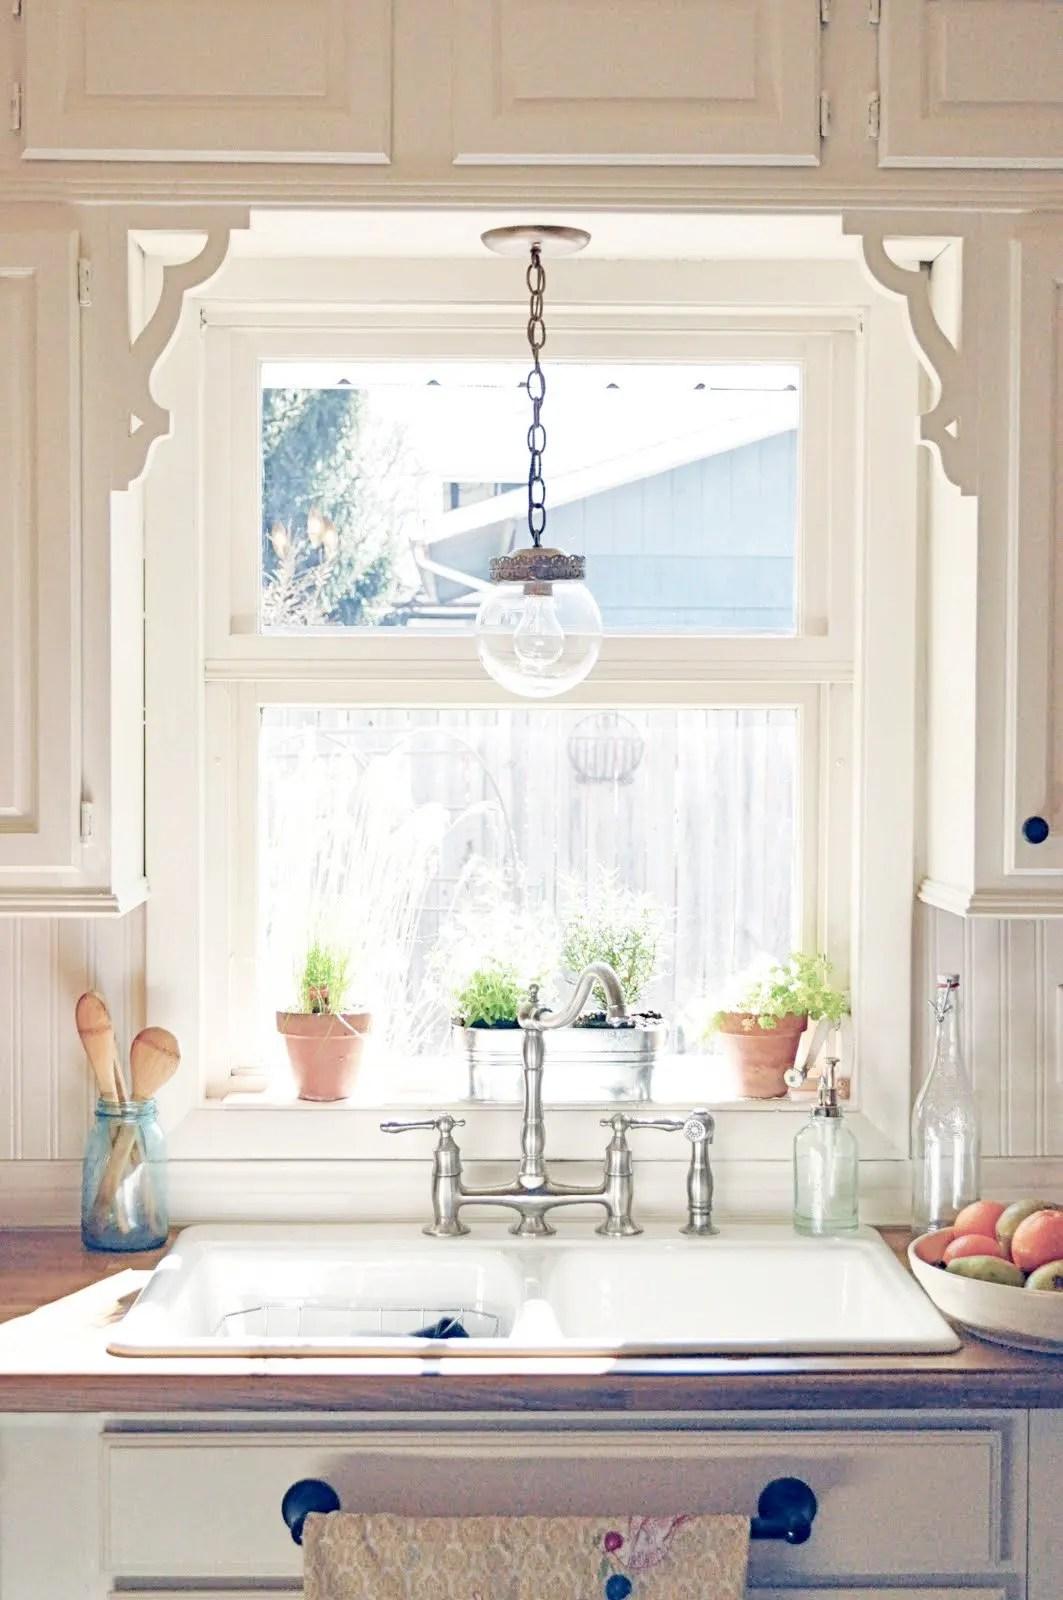 kitchen sink window decorating ideas